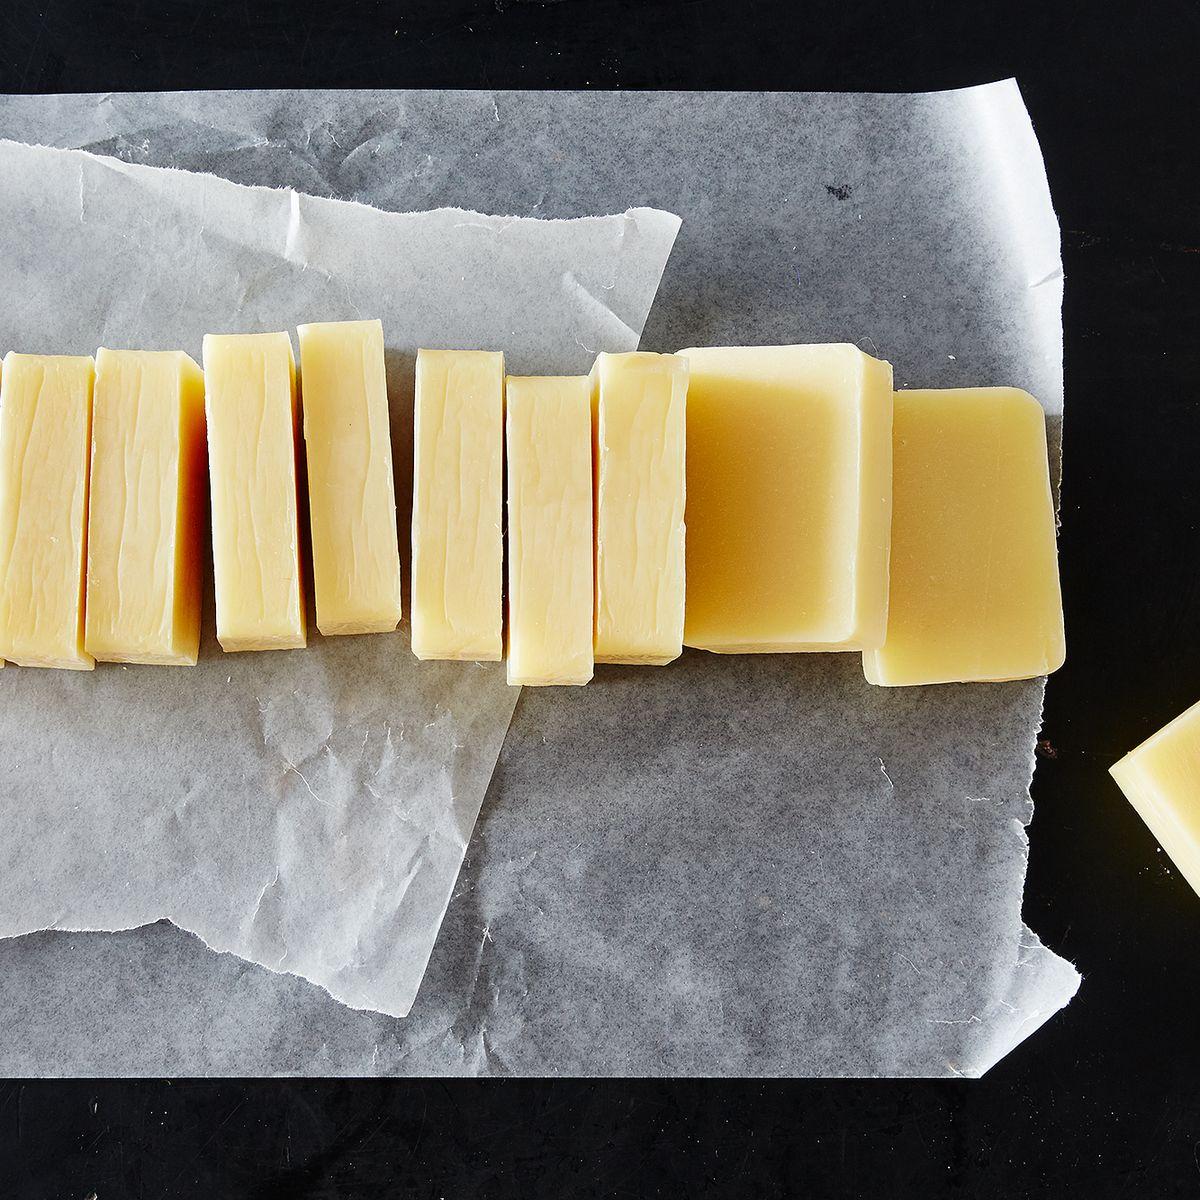 DIY Soap Using Just 5 Ingredients